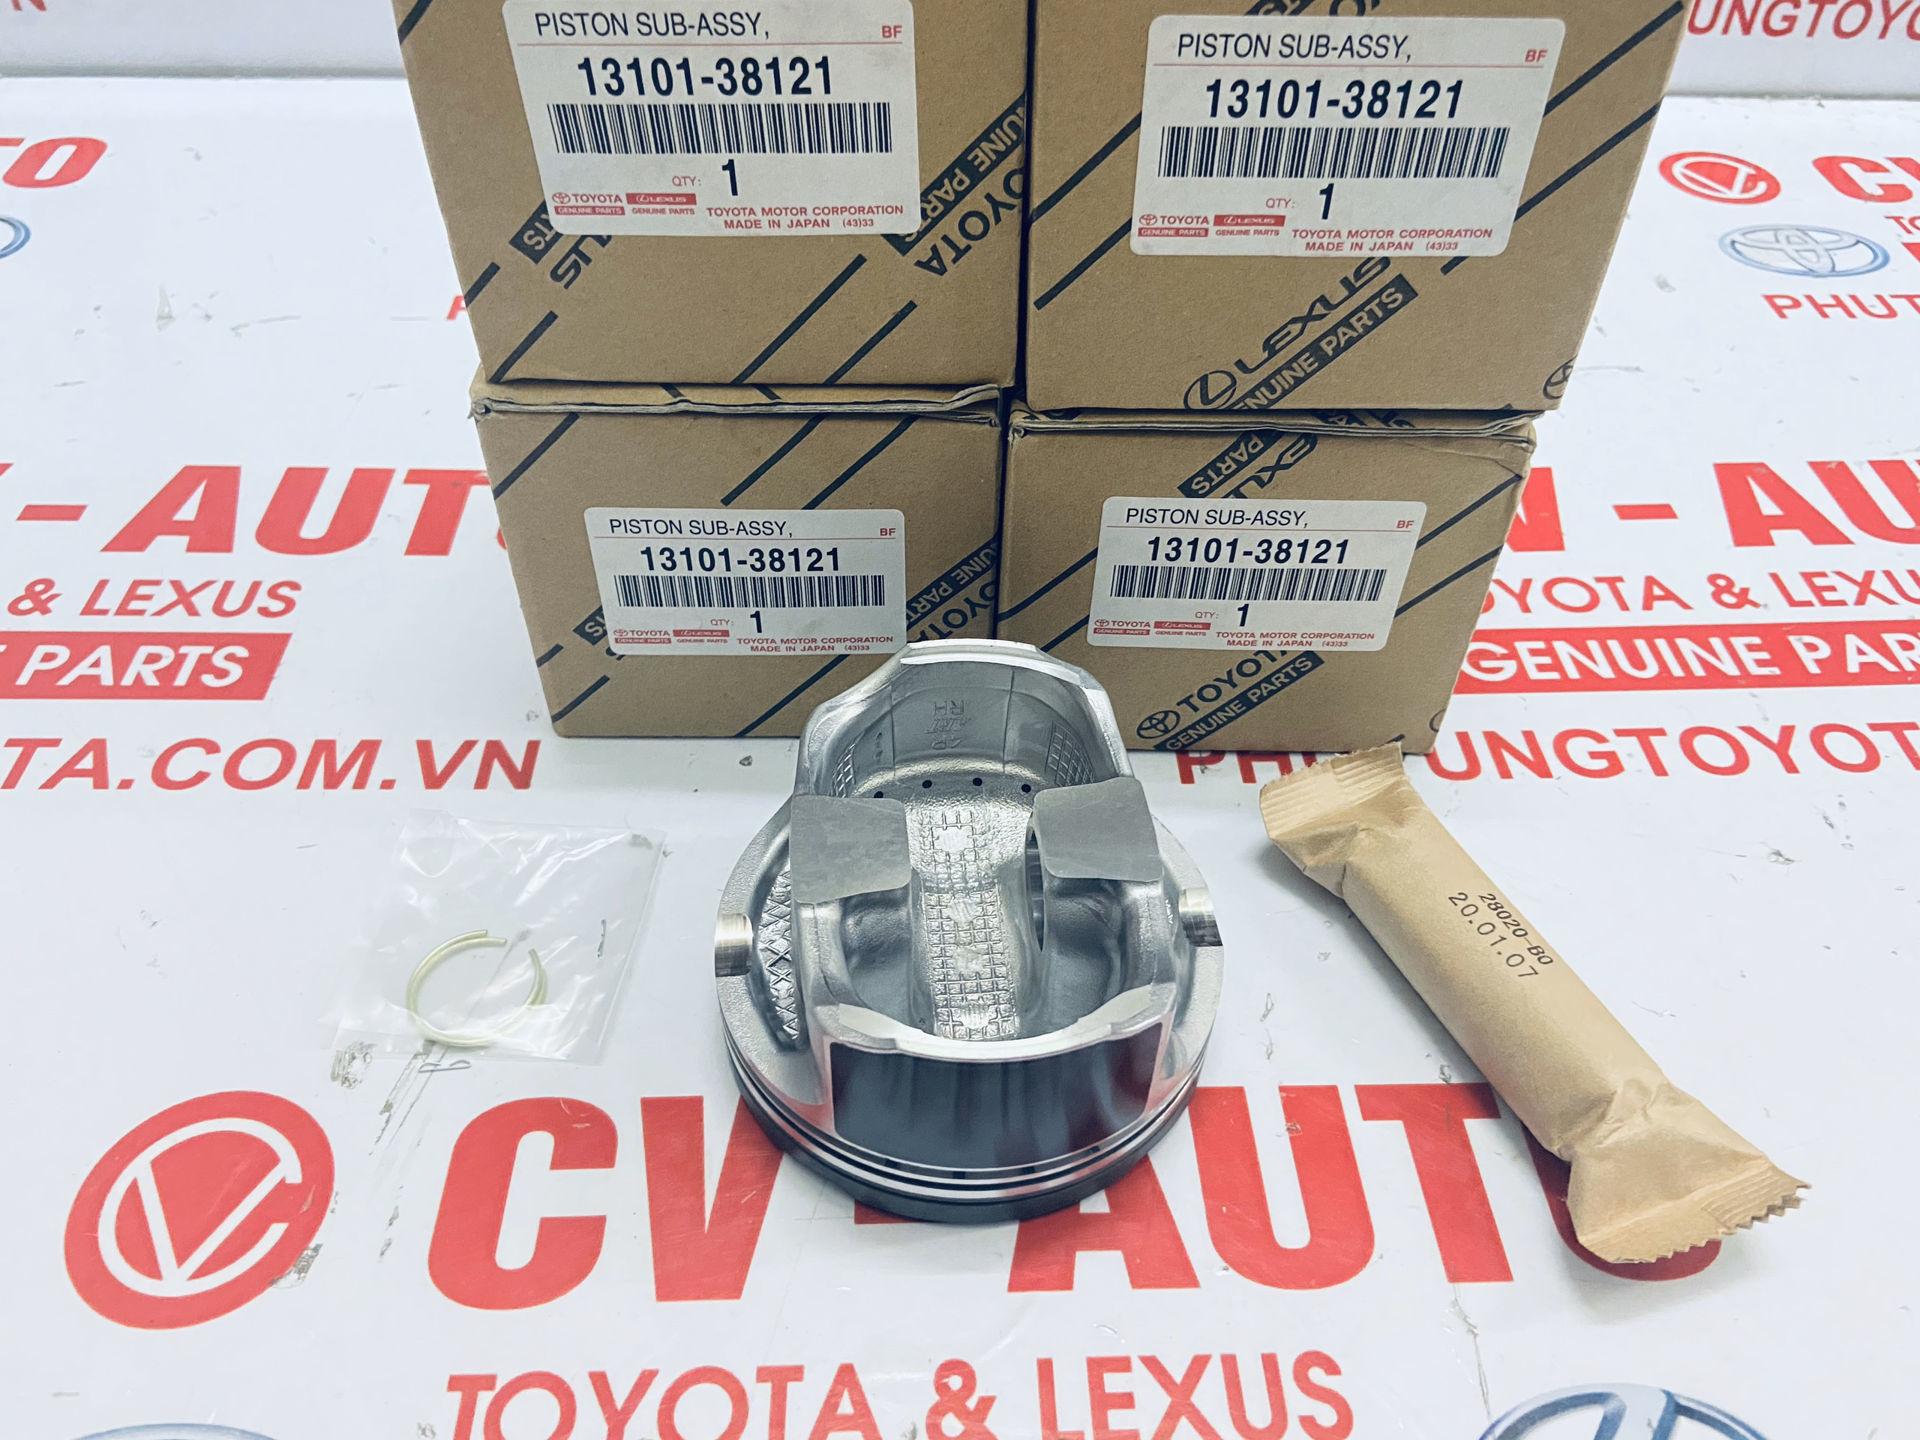 Picture of 13101-38121 13301-38021 Piston bên phải, trái Lexus LS600H hàng chính hãng